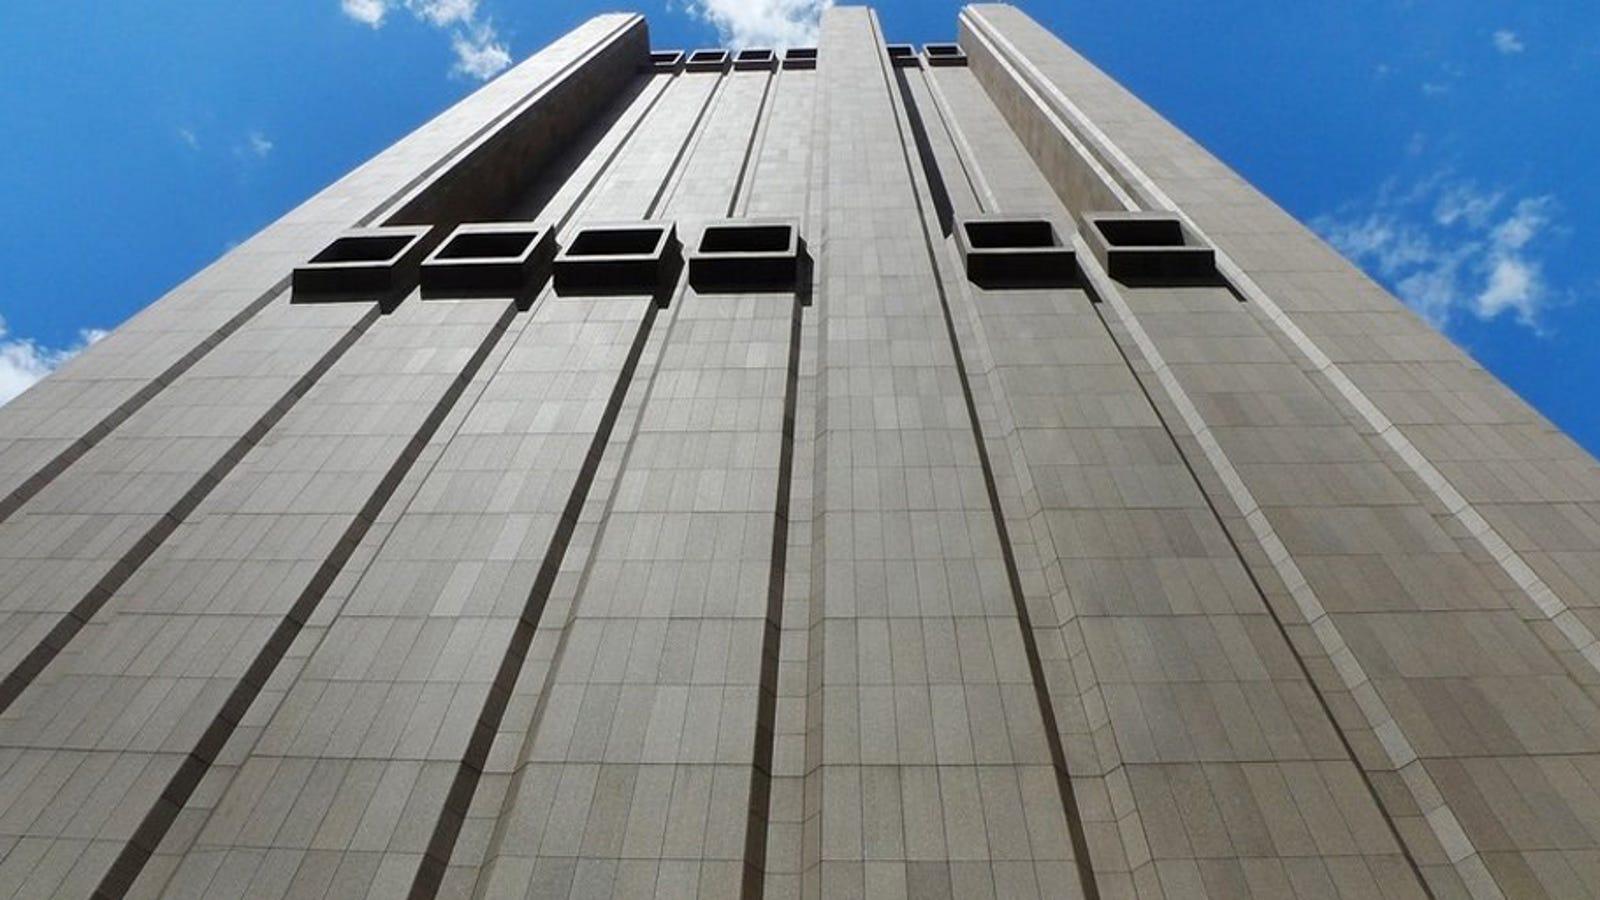 Hay un misterioso rascacielos de 29 pisos en Manhattan que no tiene ventanas, y está diseñado para resistir a una bomba nuclear